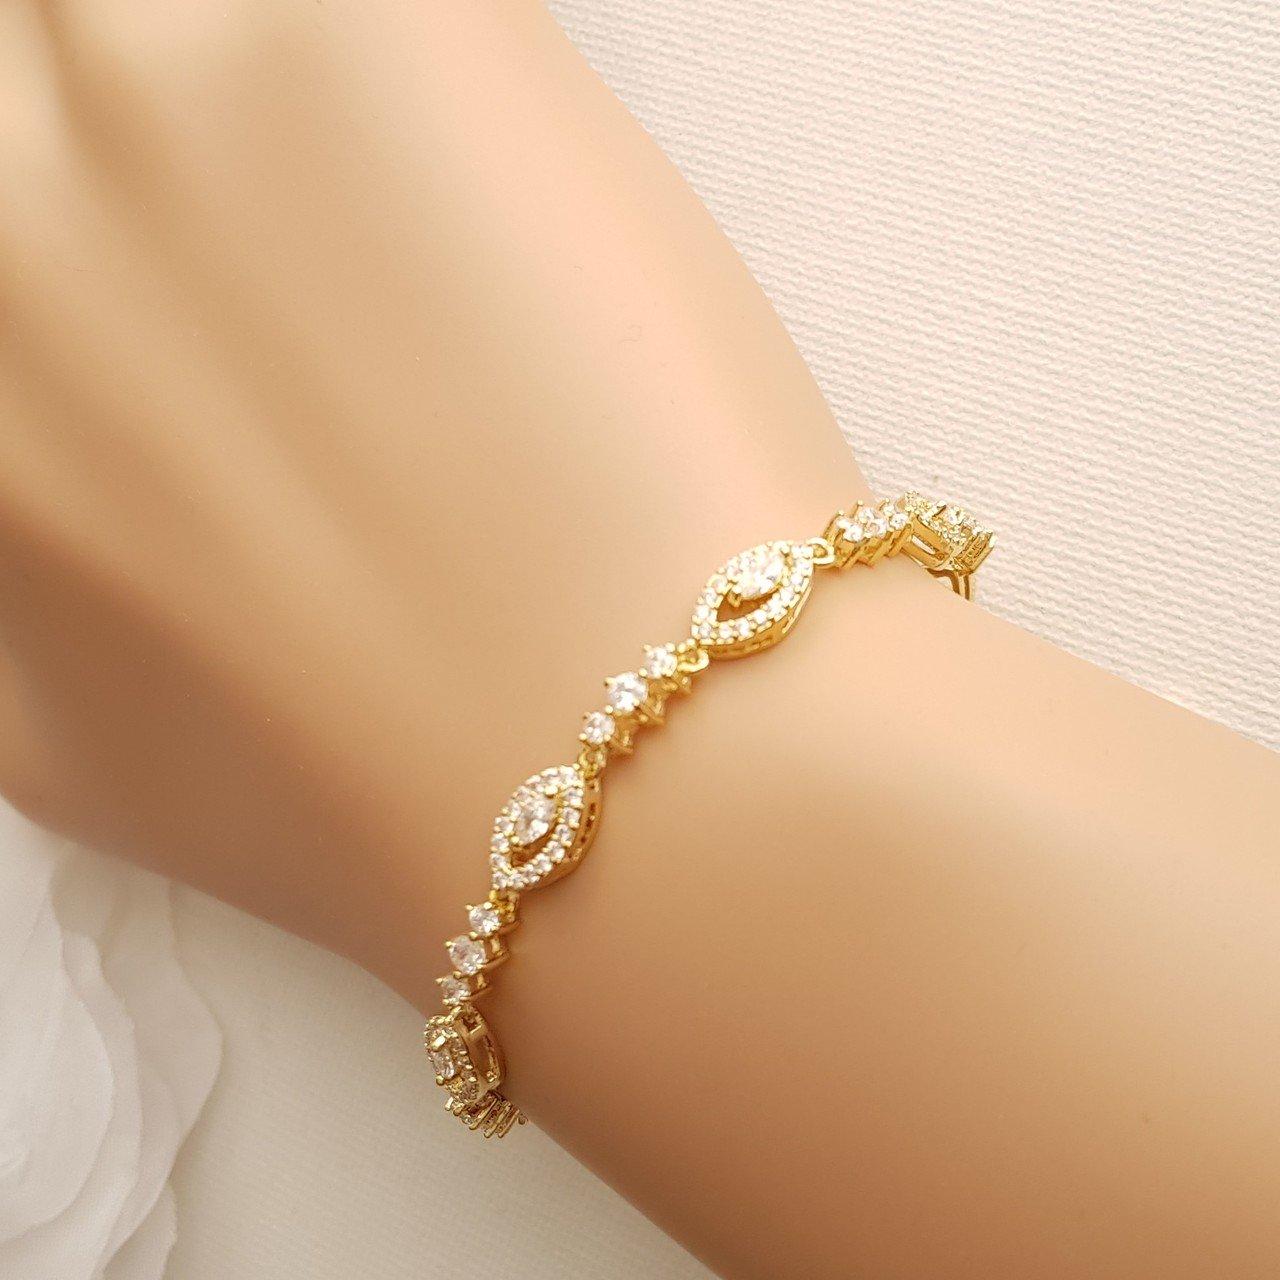 اساور ذهبية راقية لإطلالة متميزة